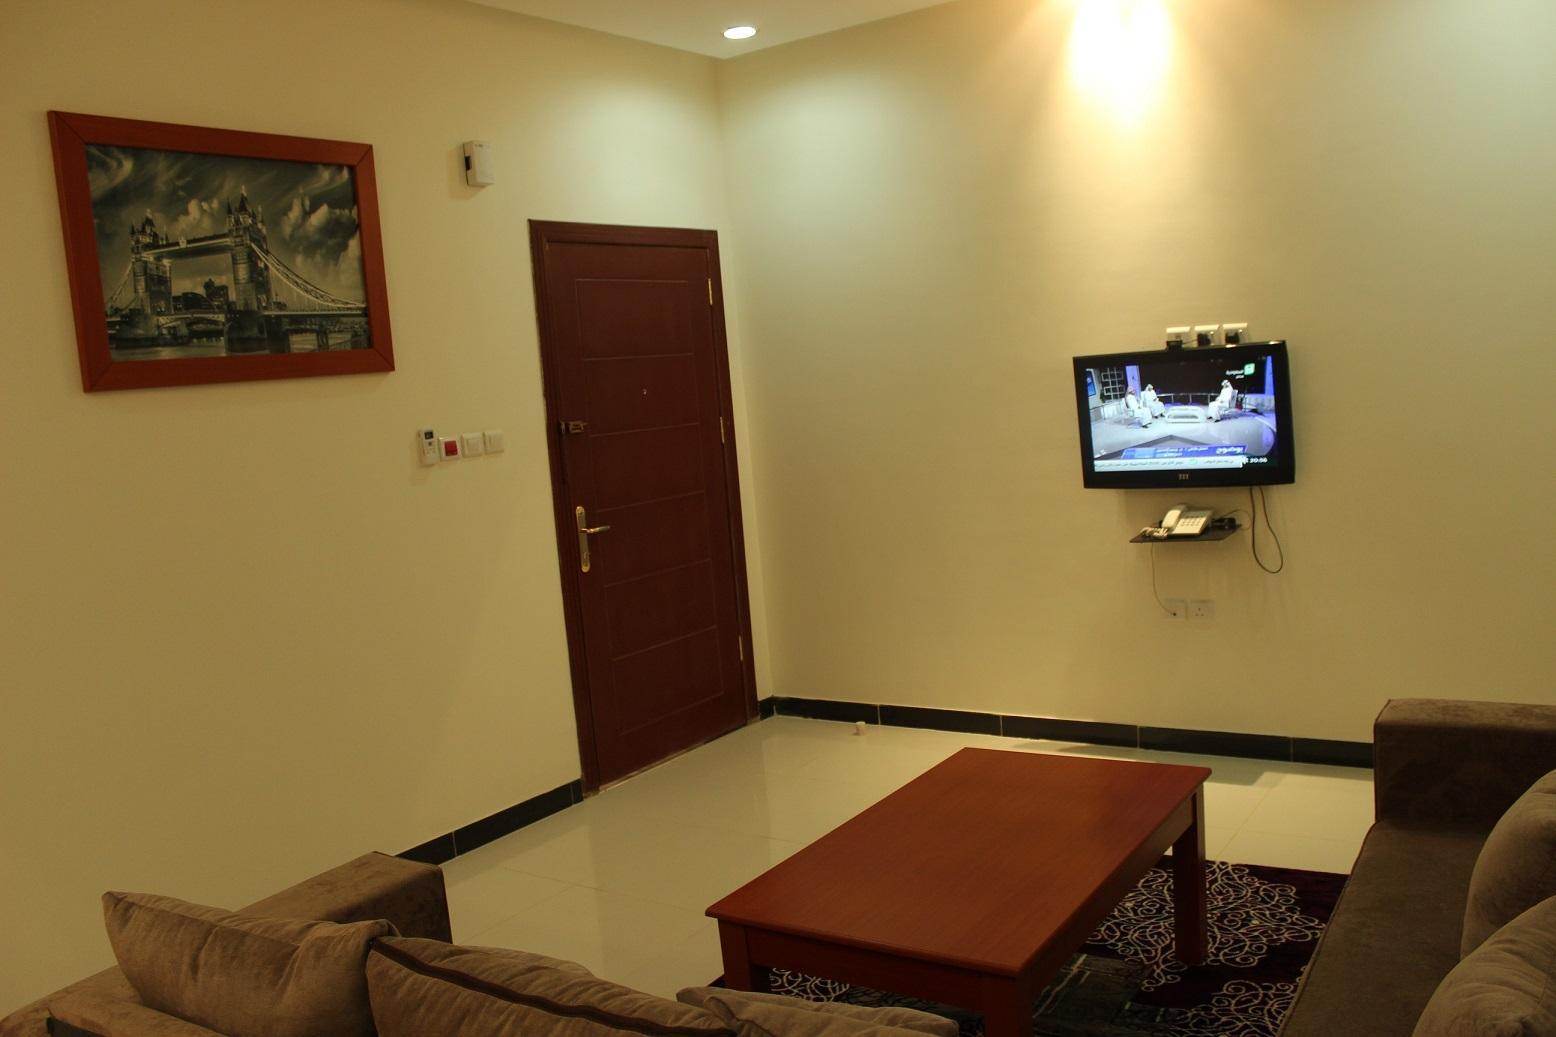 شقق أجمل مساء وحدات سكنية مفروشة الرياض 0114443919 267401377.jpg